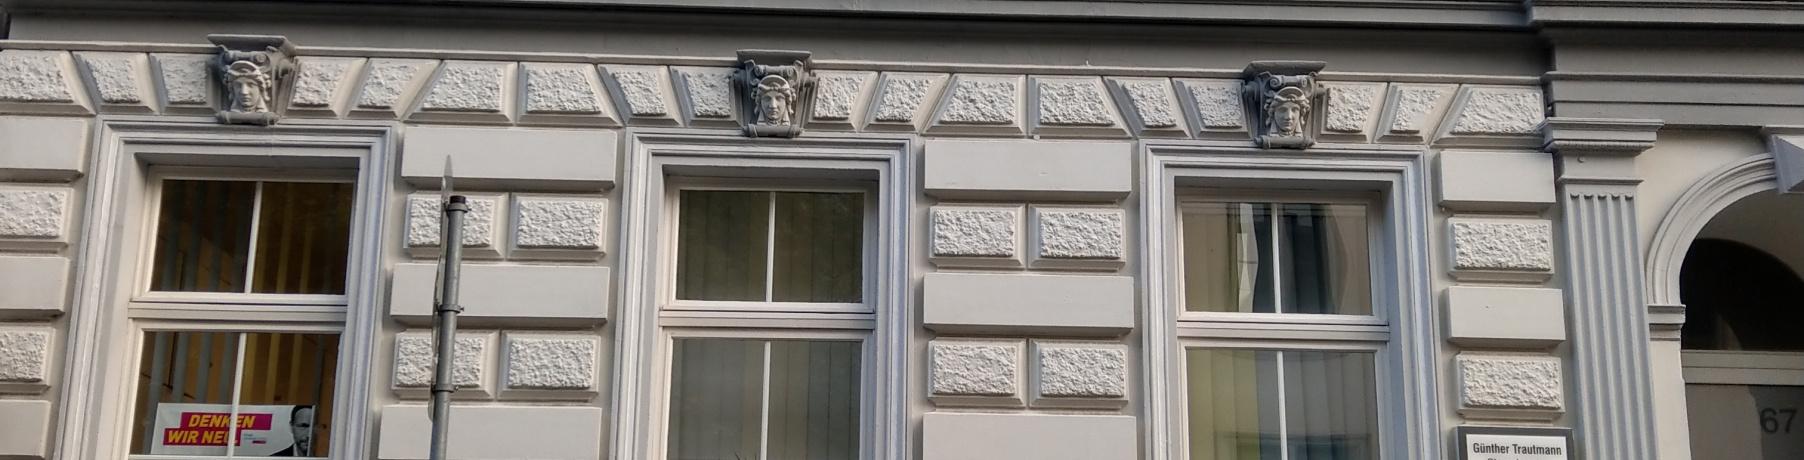 Kanzlei Breite Str. 67-69, 41460 Neuss